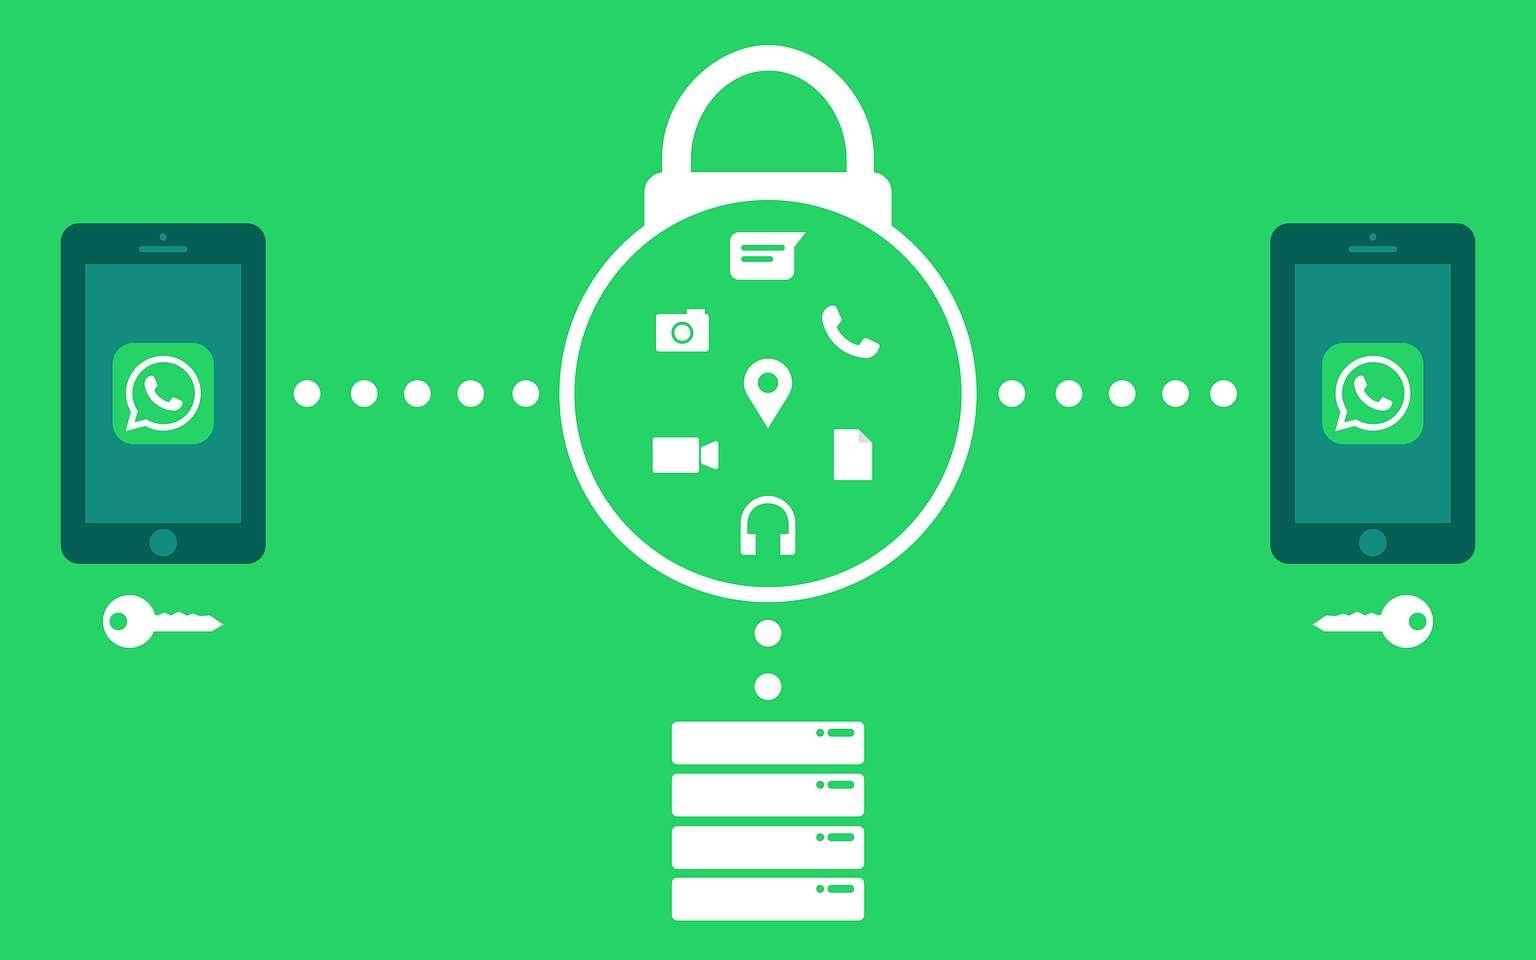 La sauvegarde des données en ligne est utile lors d'un renouvellement de téléphone. © Pixabay